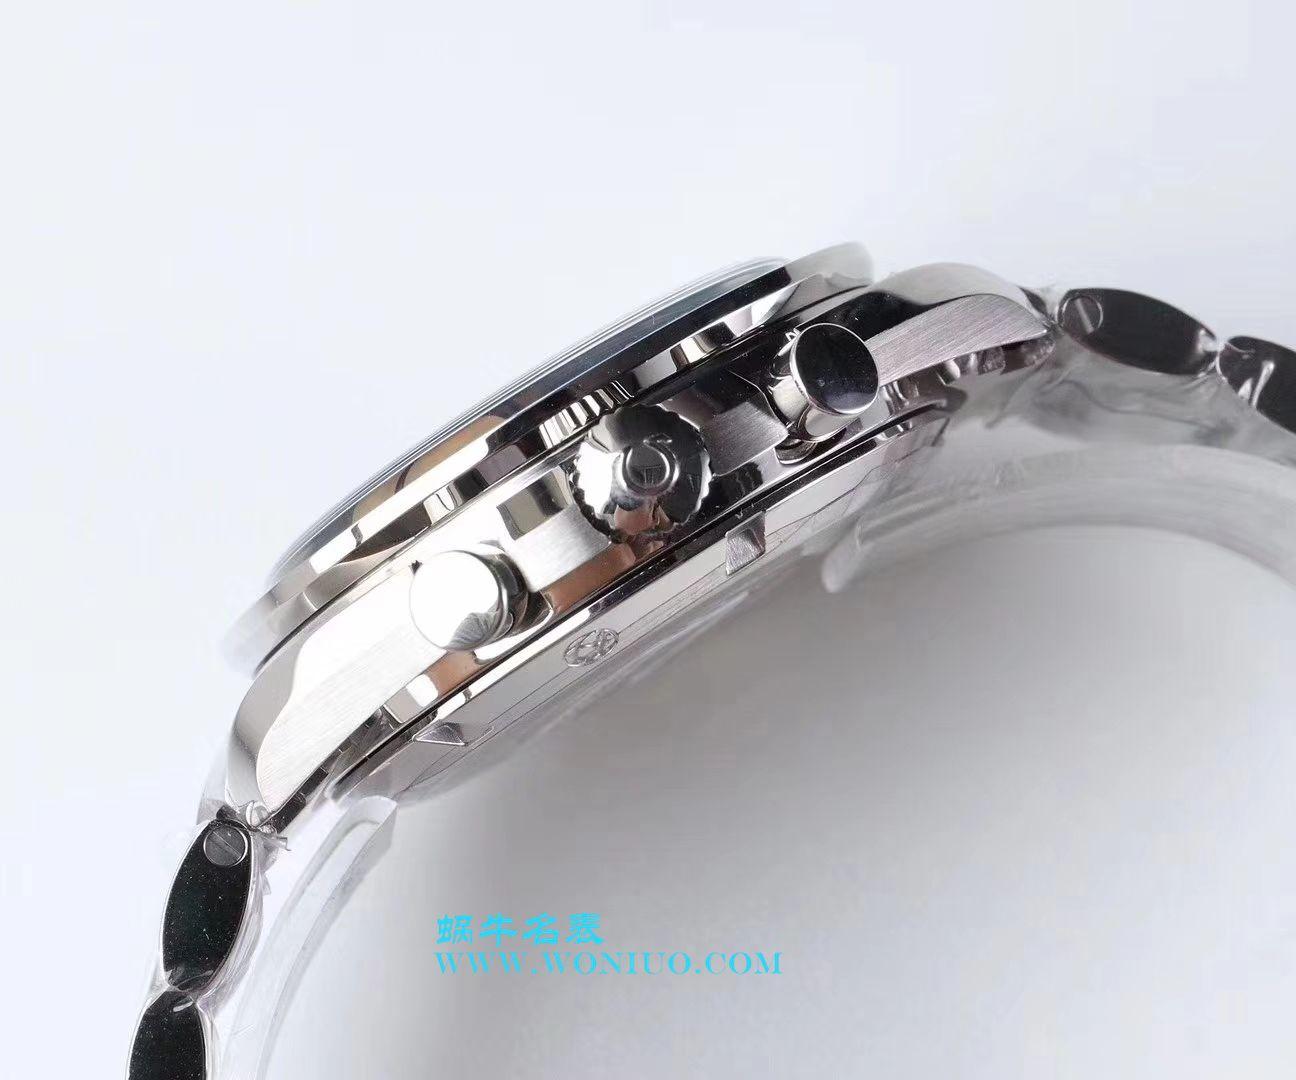 【JH一比一高仿手表】欧米茄超霸系列311.30.42.30.01.003腕表 / OMG157